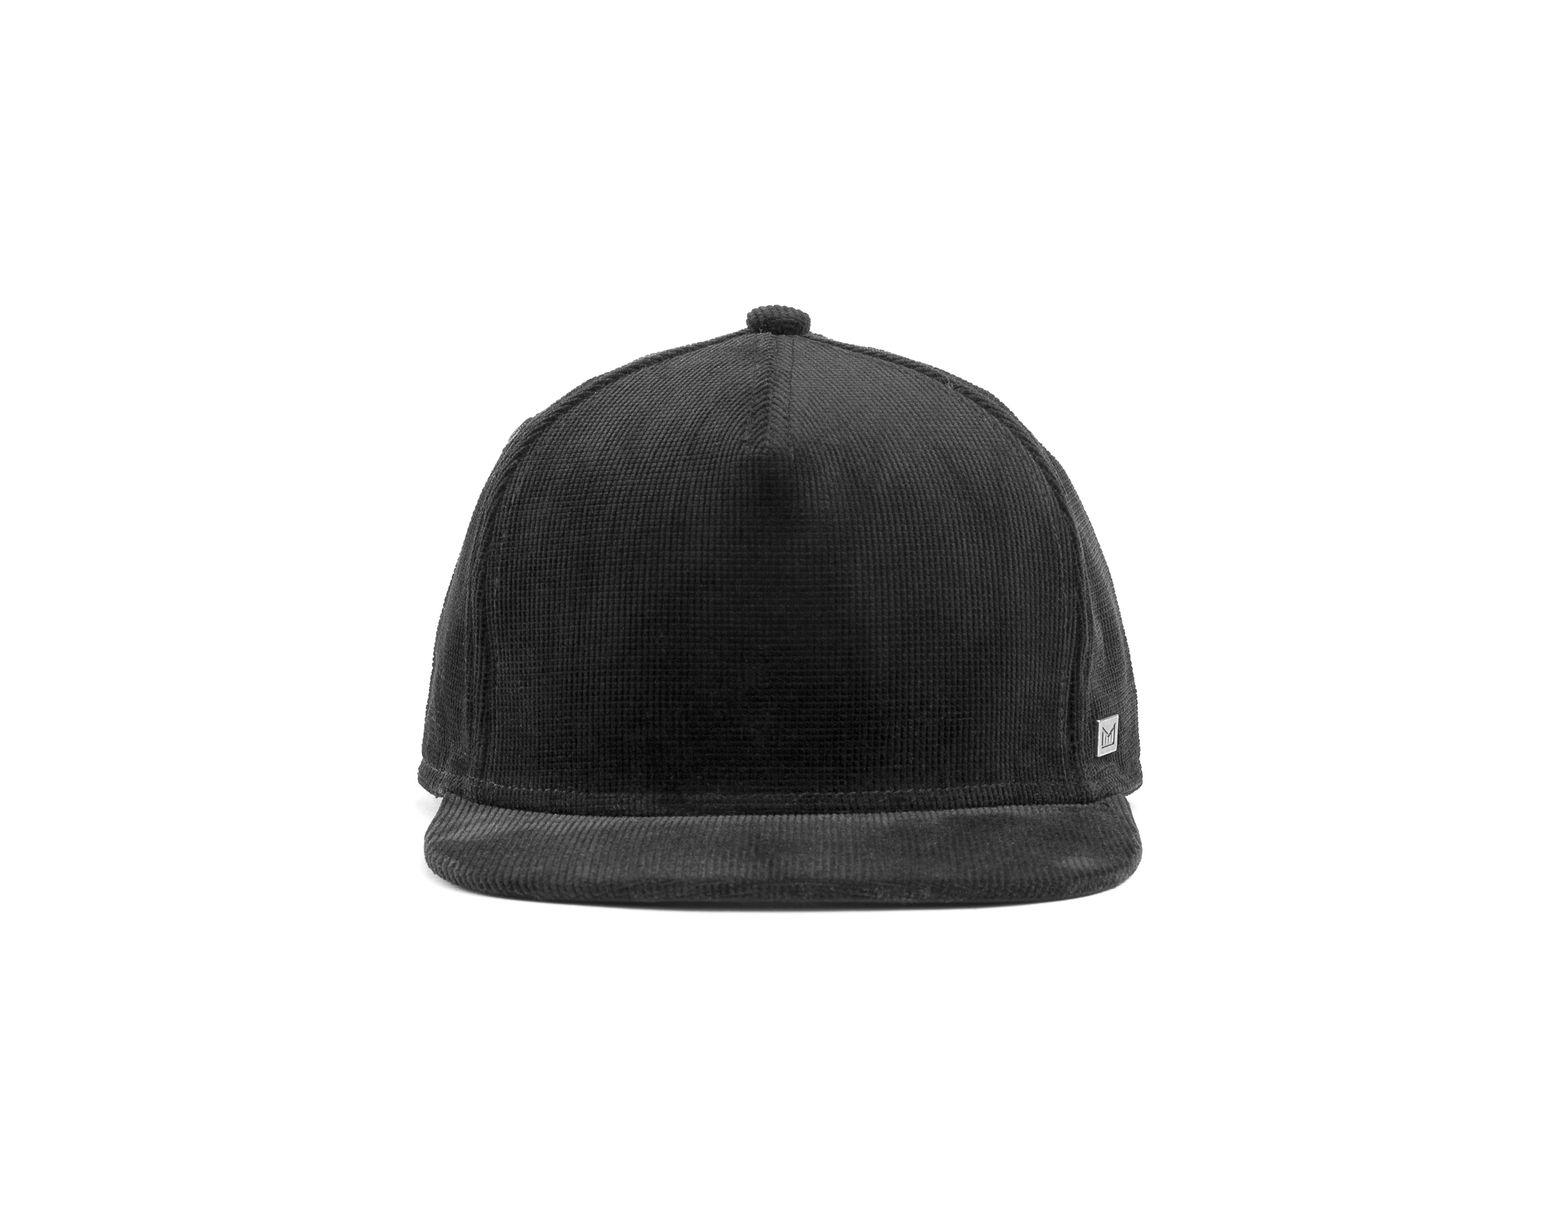 sale retailer 408b2 03fce Melin The Stealth Snapback Baseball Cap - in Black for Men - Lyst